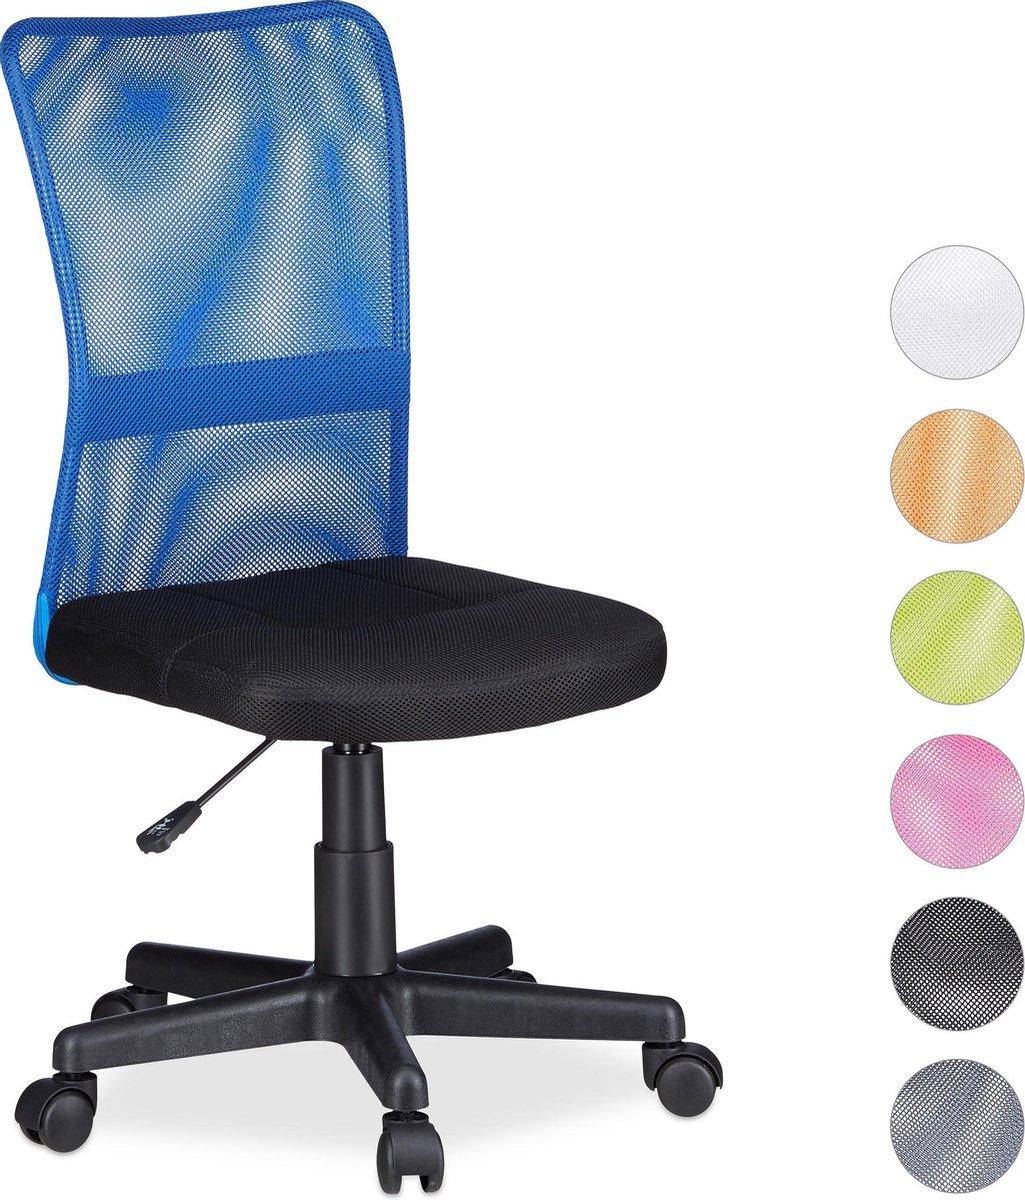 Relaxdays Bureaustoel voor kinderen - Ergonomisch - 90kg - Blauw